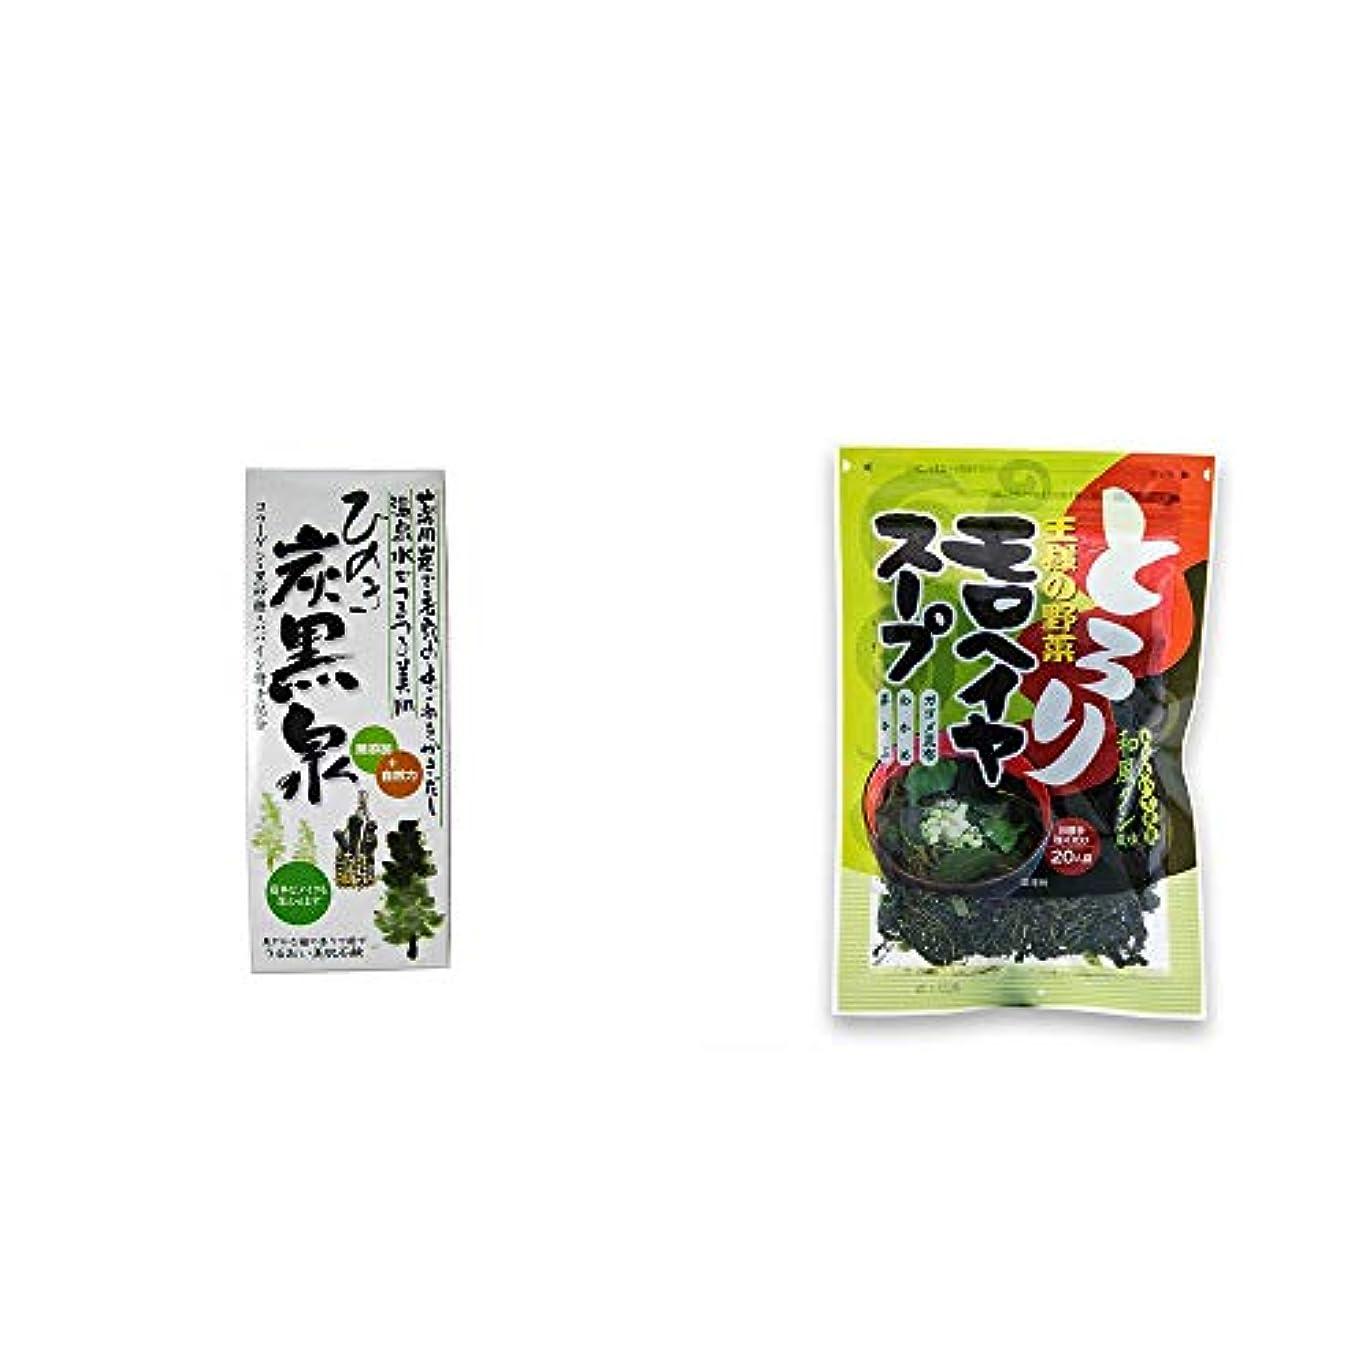 パラダイス消毒する型[2点セット] ひのき炭黒泉 箱入り(75g×3)?王様の野菜 モロヘイヤスープ(80g)